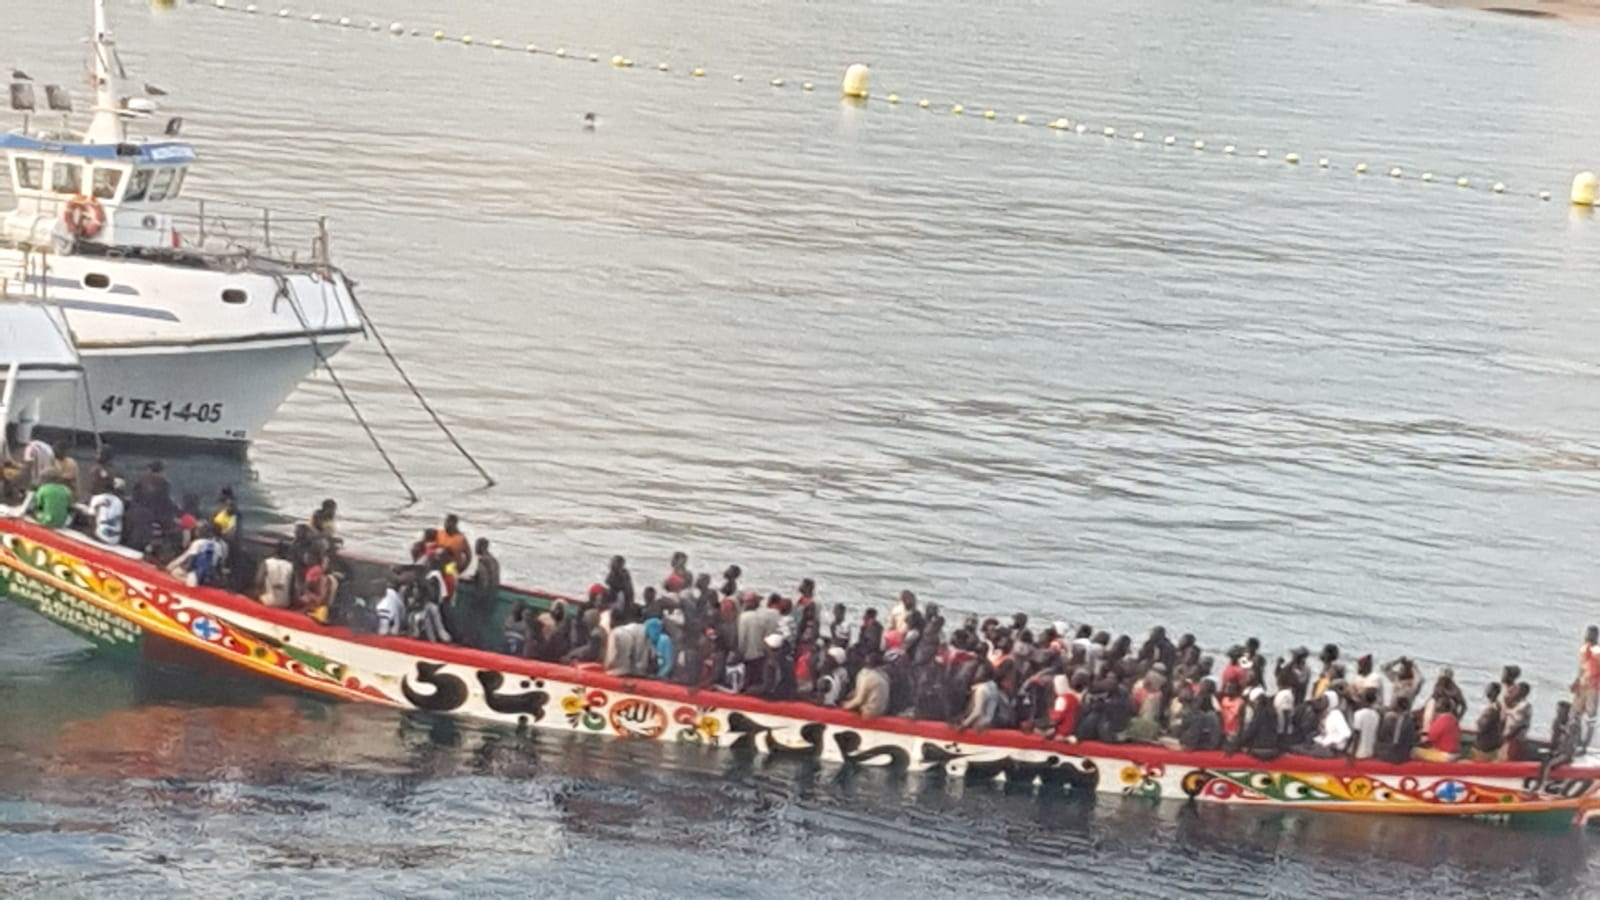 Espagne: près de 2000 arrivées de migrants dans les Canaries en un week-end